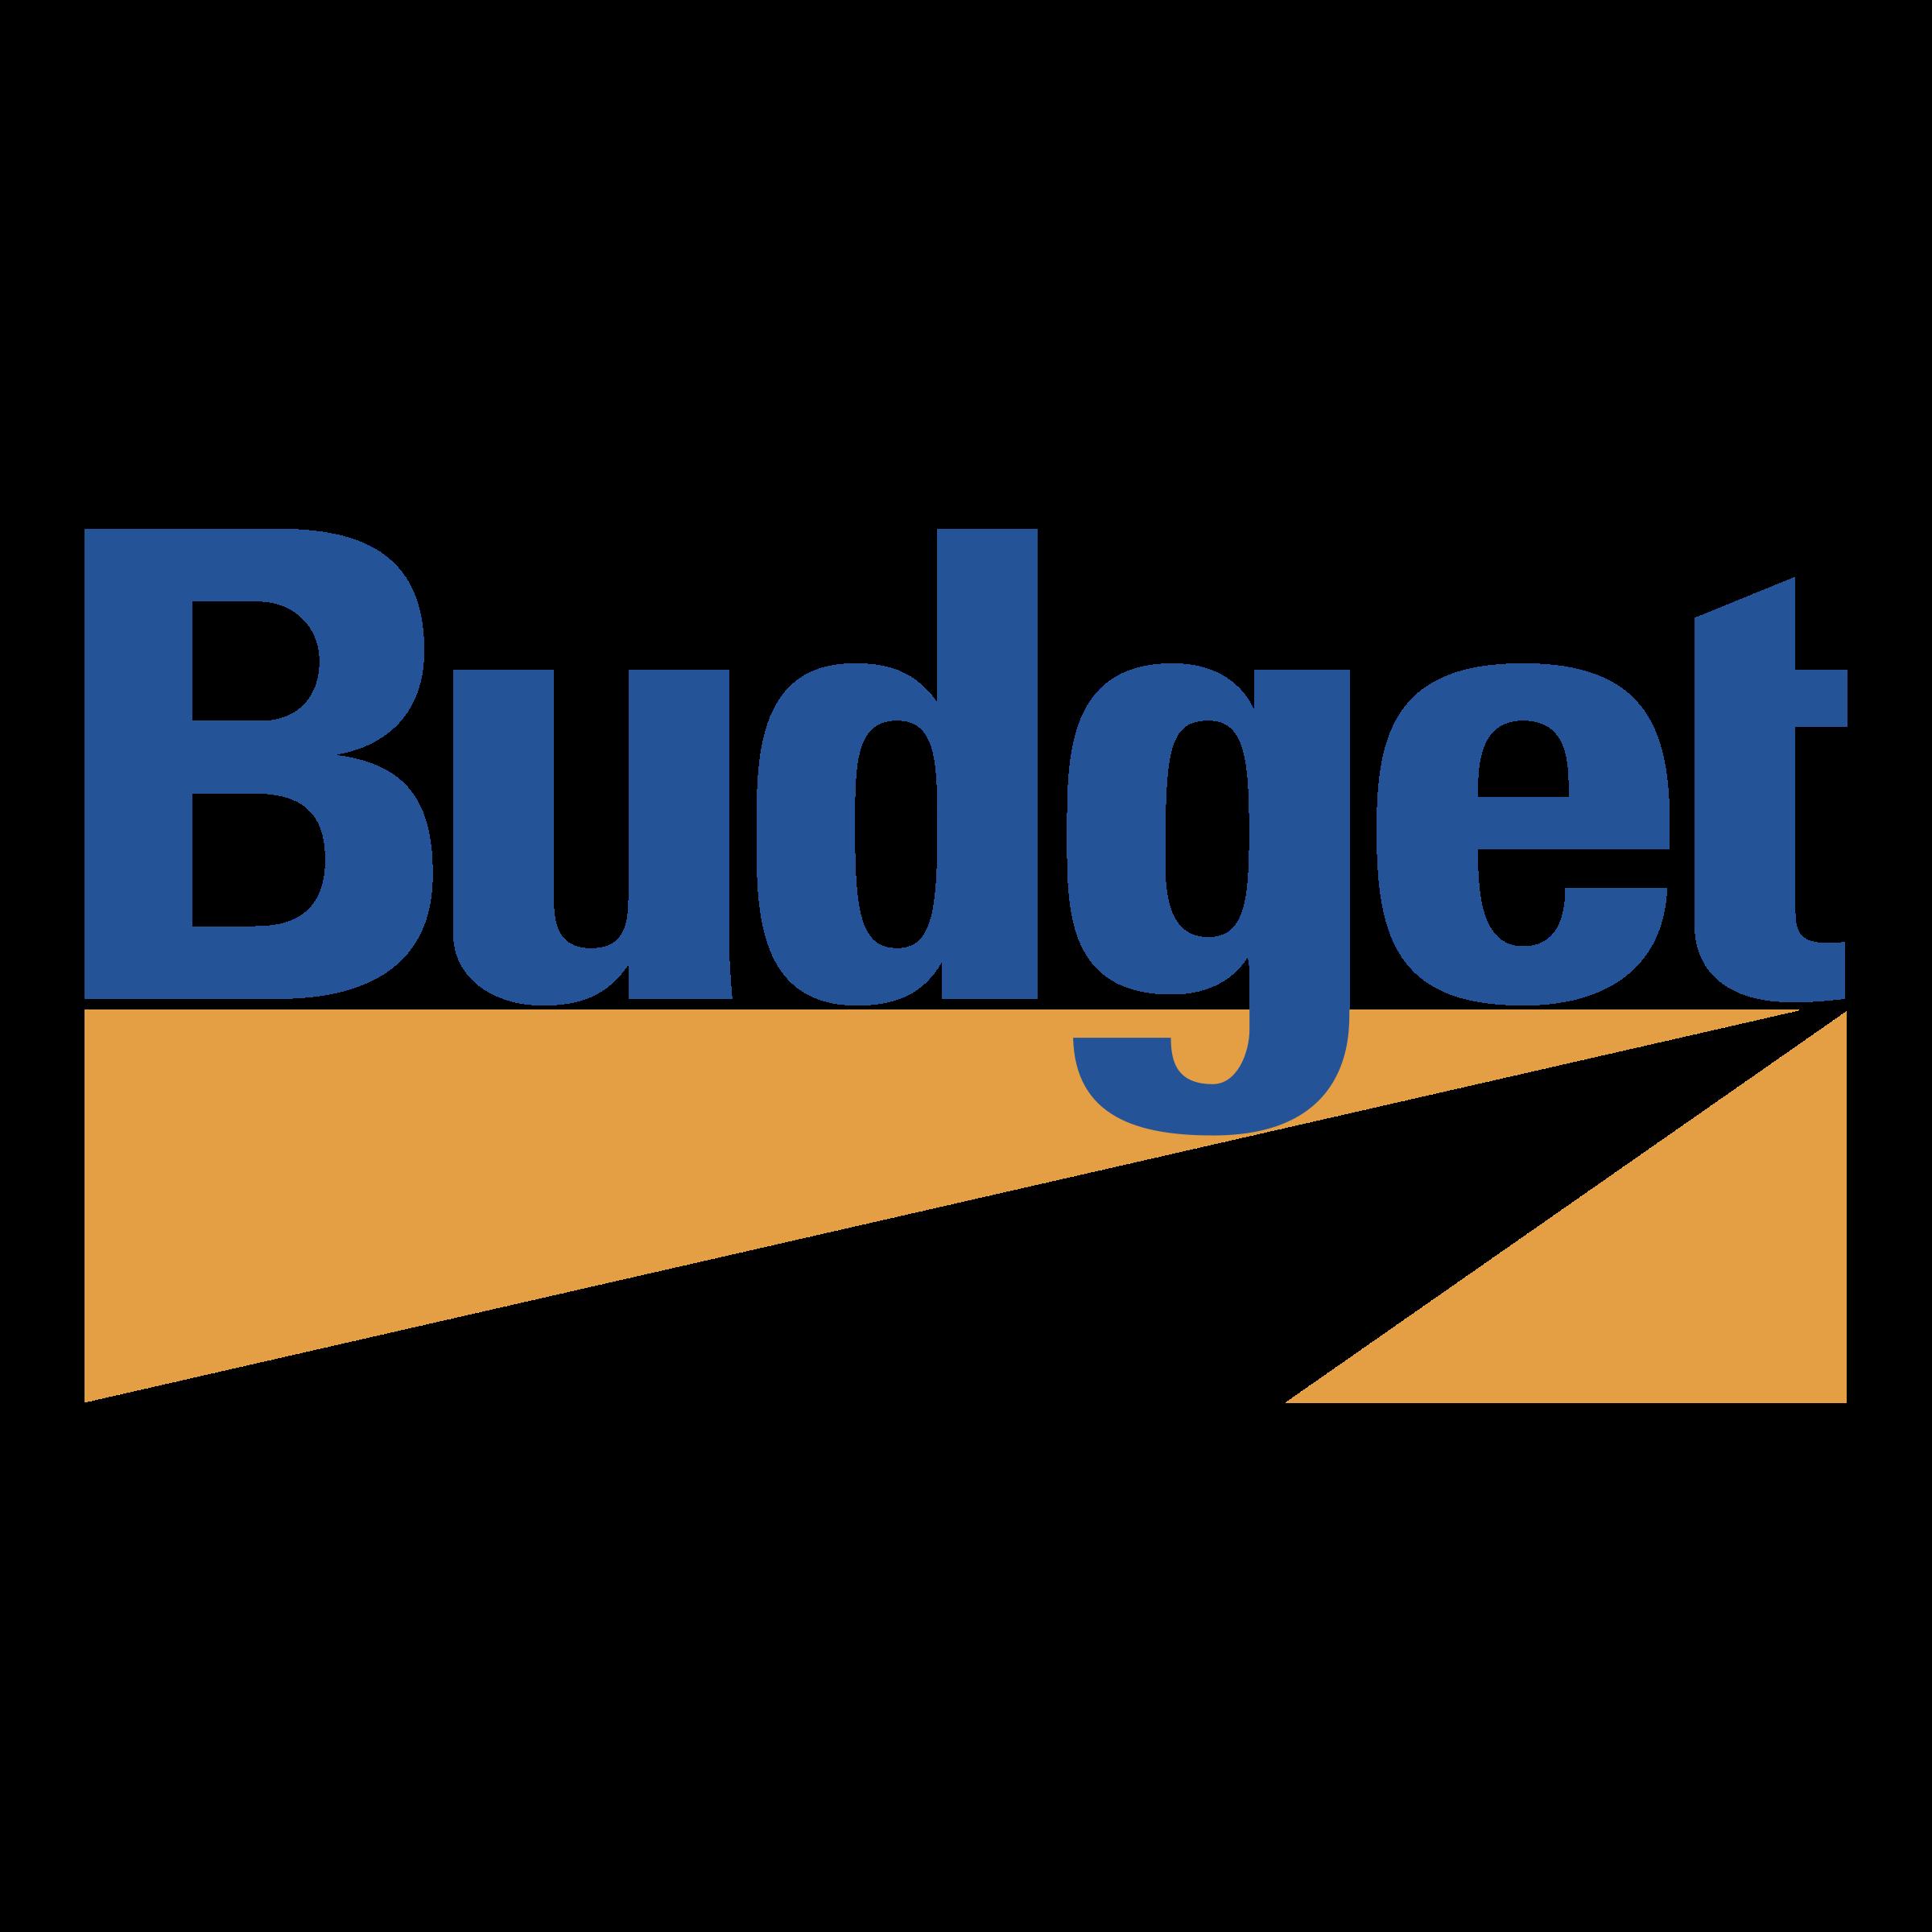 Budget 01 Logo PNG Transparent & SVG Vector.